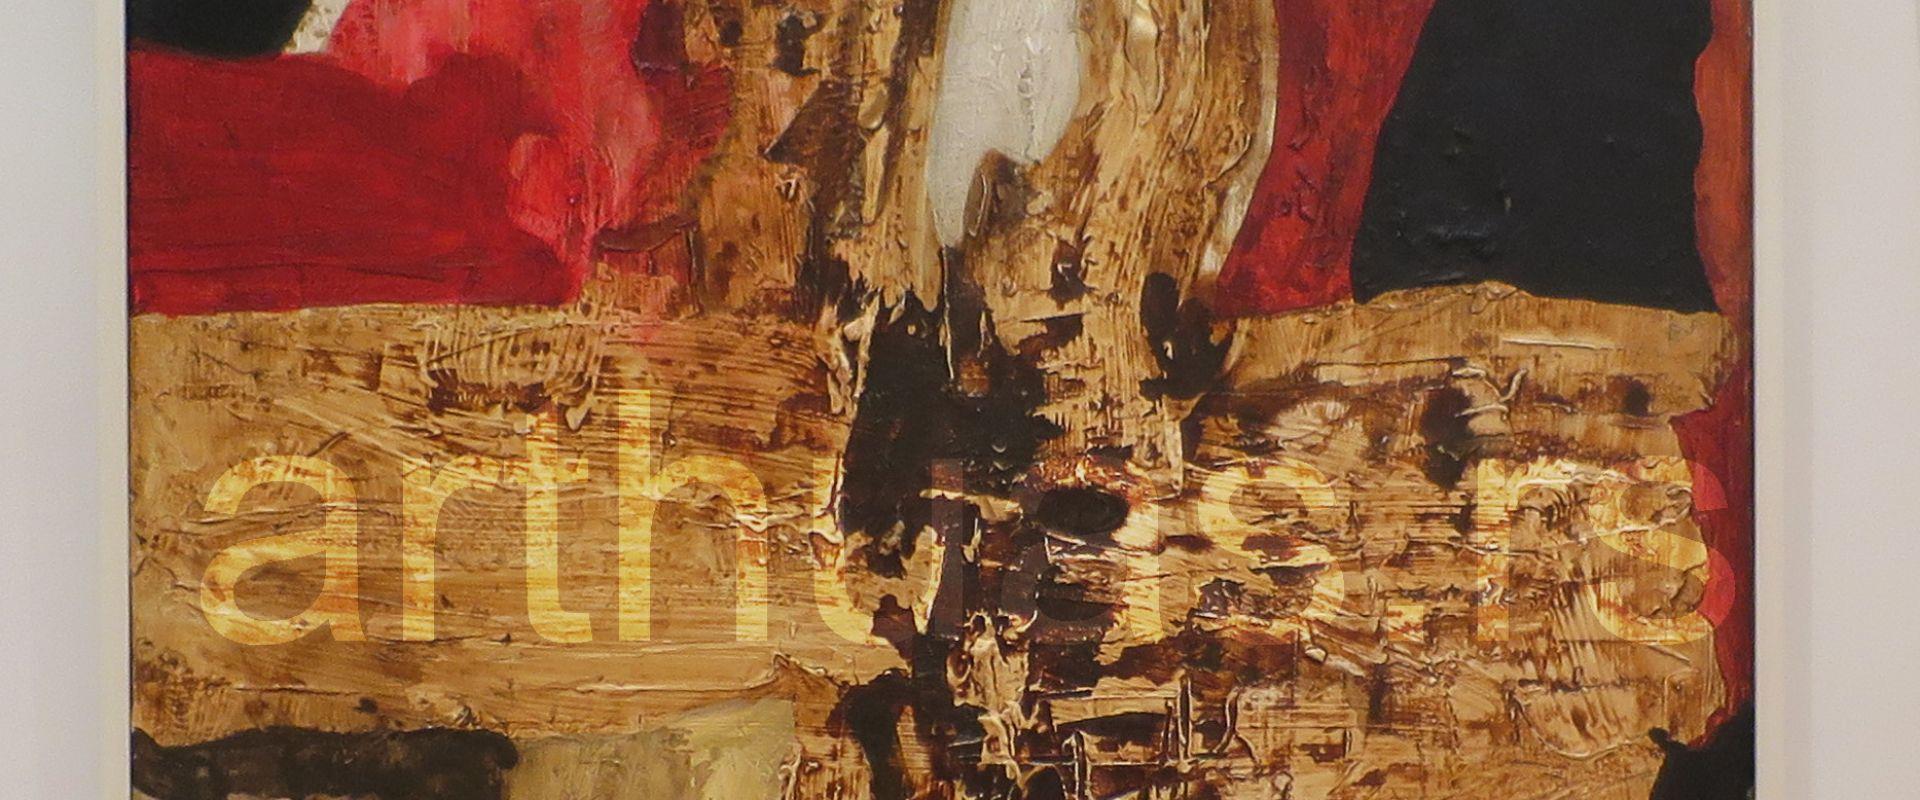 Vera Božičković-Popović, Velika kompozicija, 1970, kombinovana tehnika na platnu, 133x88 cm